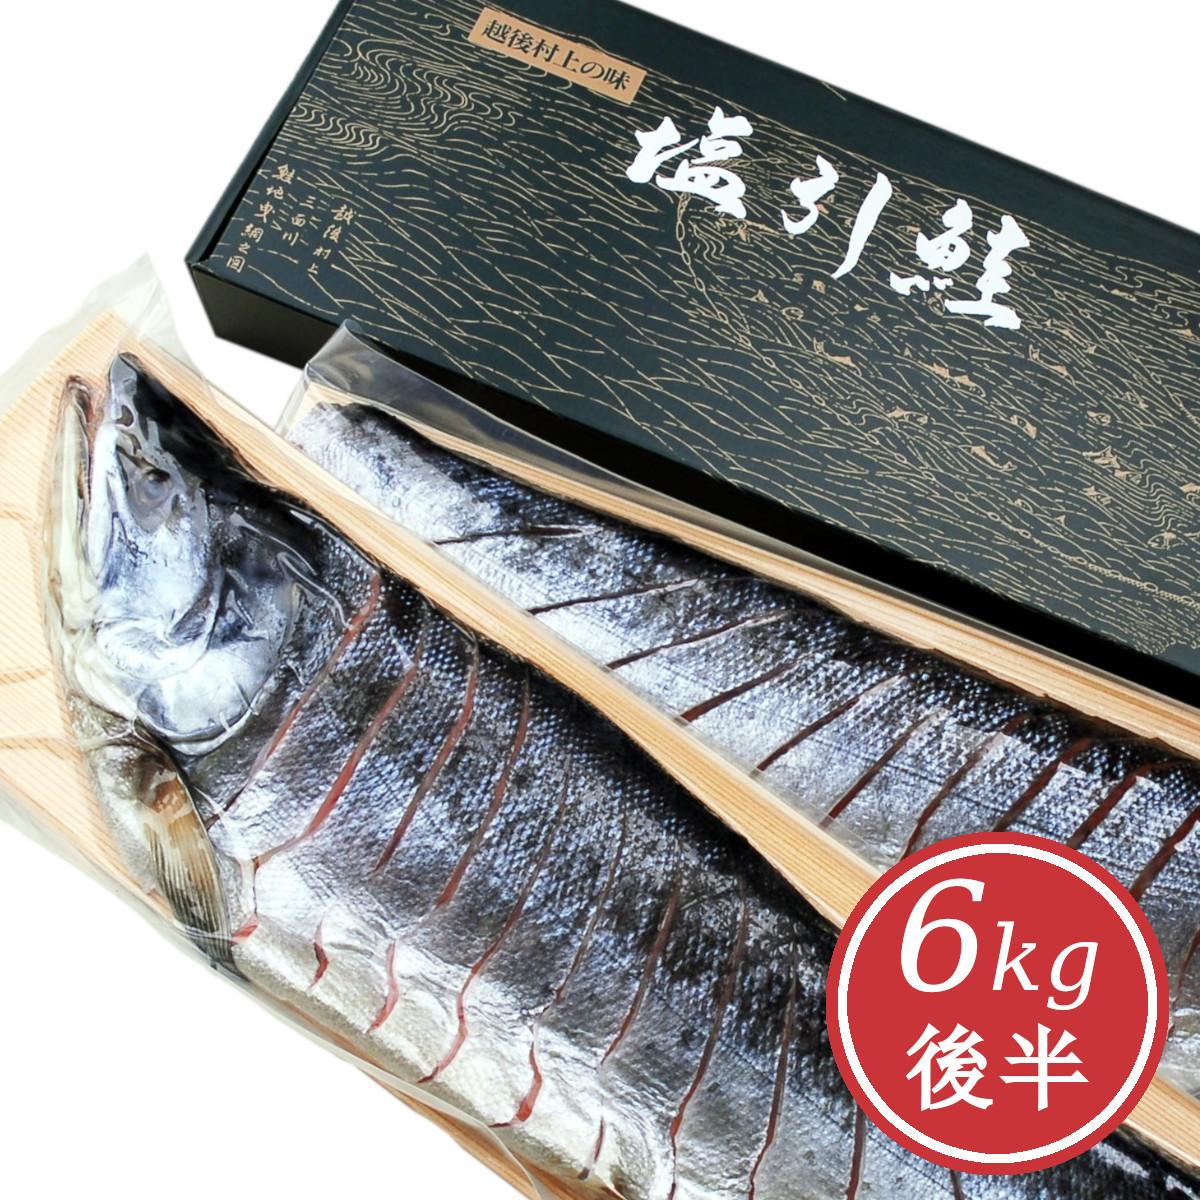 新潟村上 塩引鮭(塩引き鮭)切身姿造り 6kg後半(生目方6.5~6.9kg)